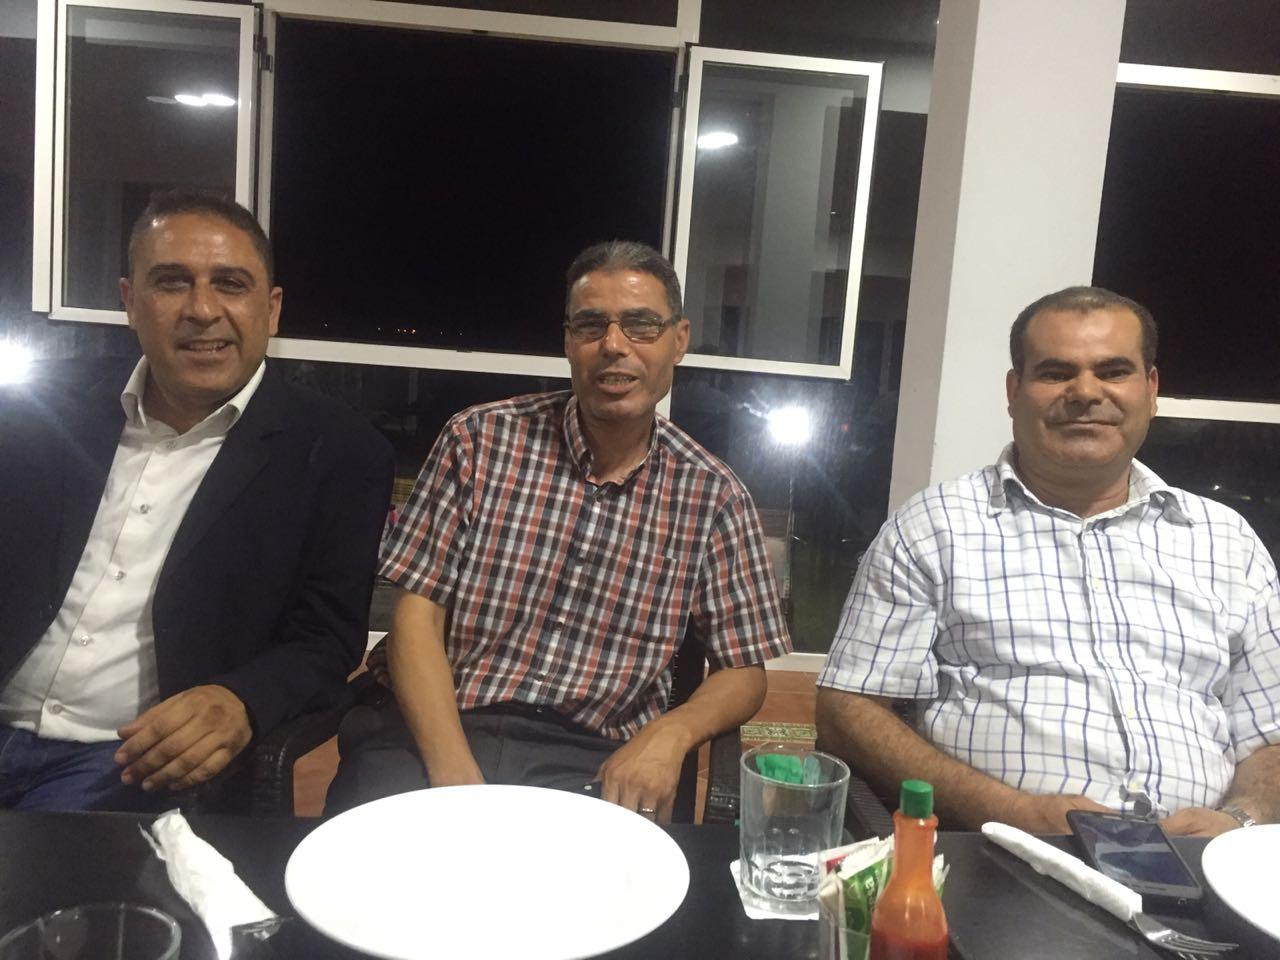 أسرة التوجيه التربوي بالناظور تكرم المفتش محمد الدواي